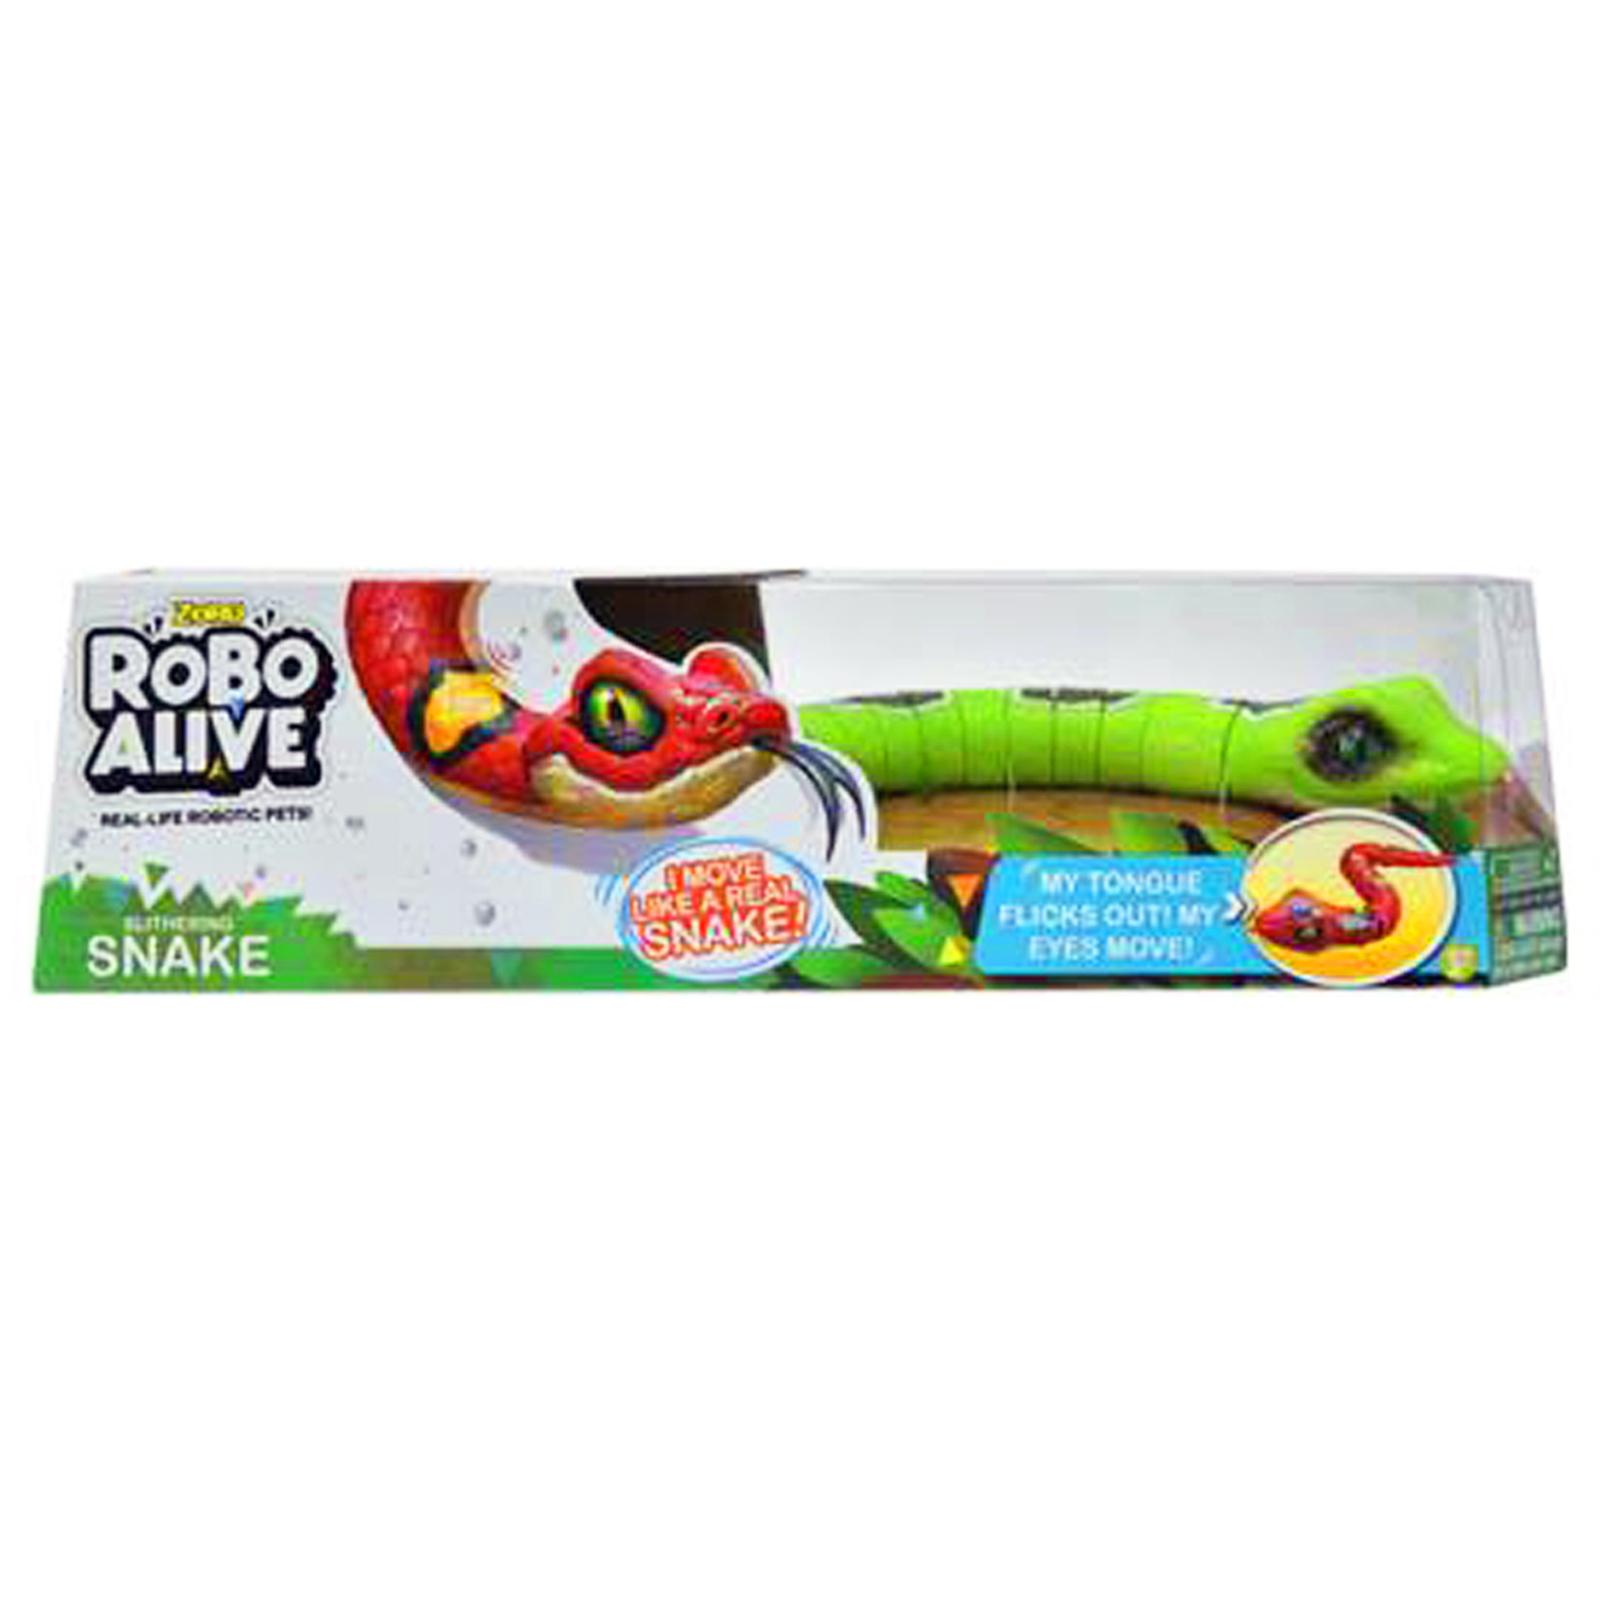 Zuru Green Robo Alive Robotic Snake Toy Pet